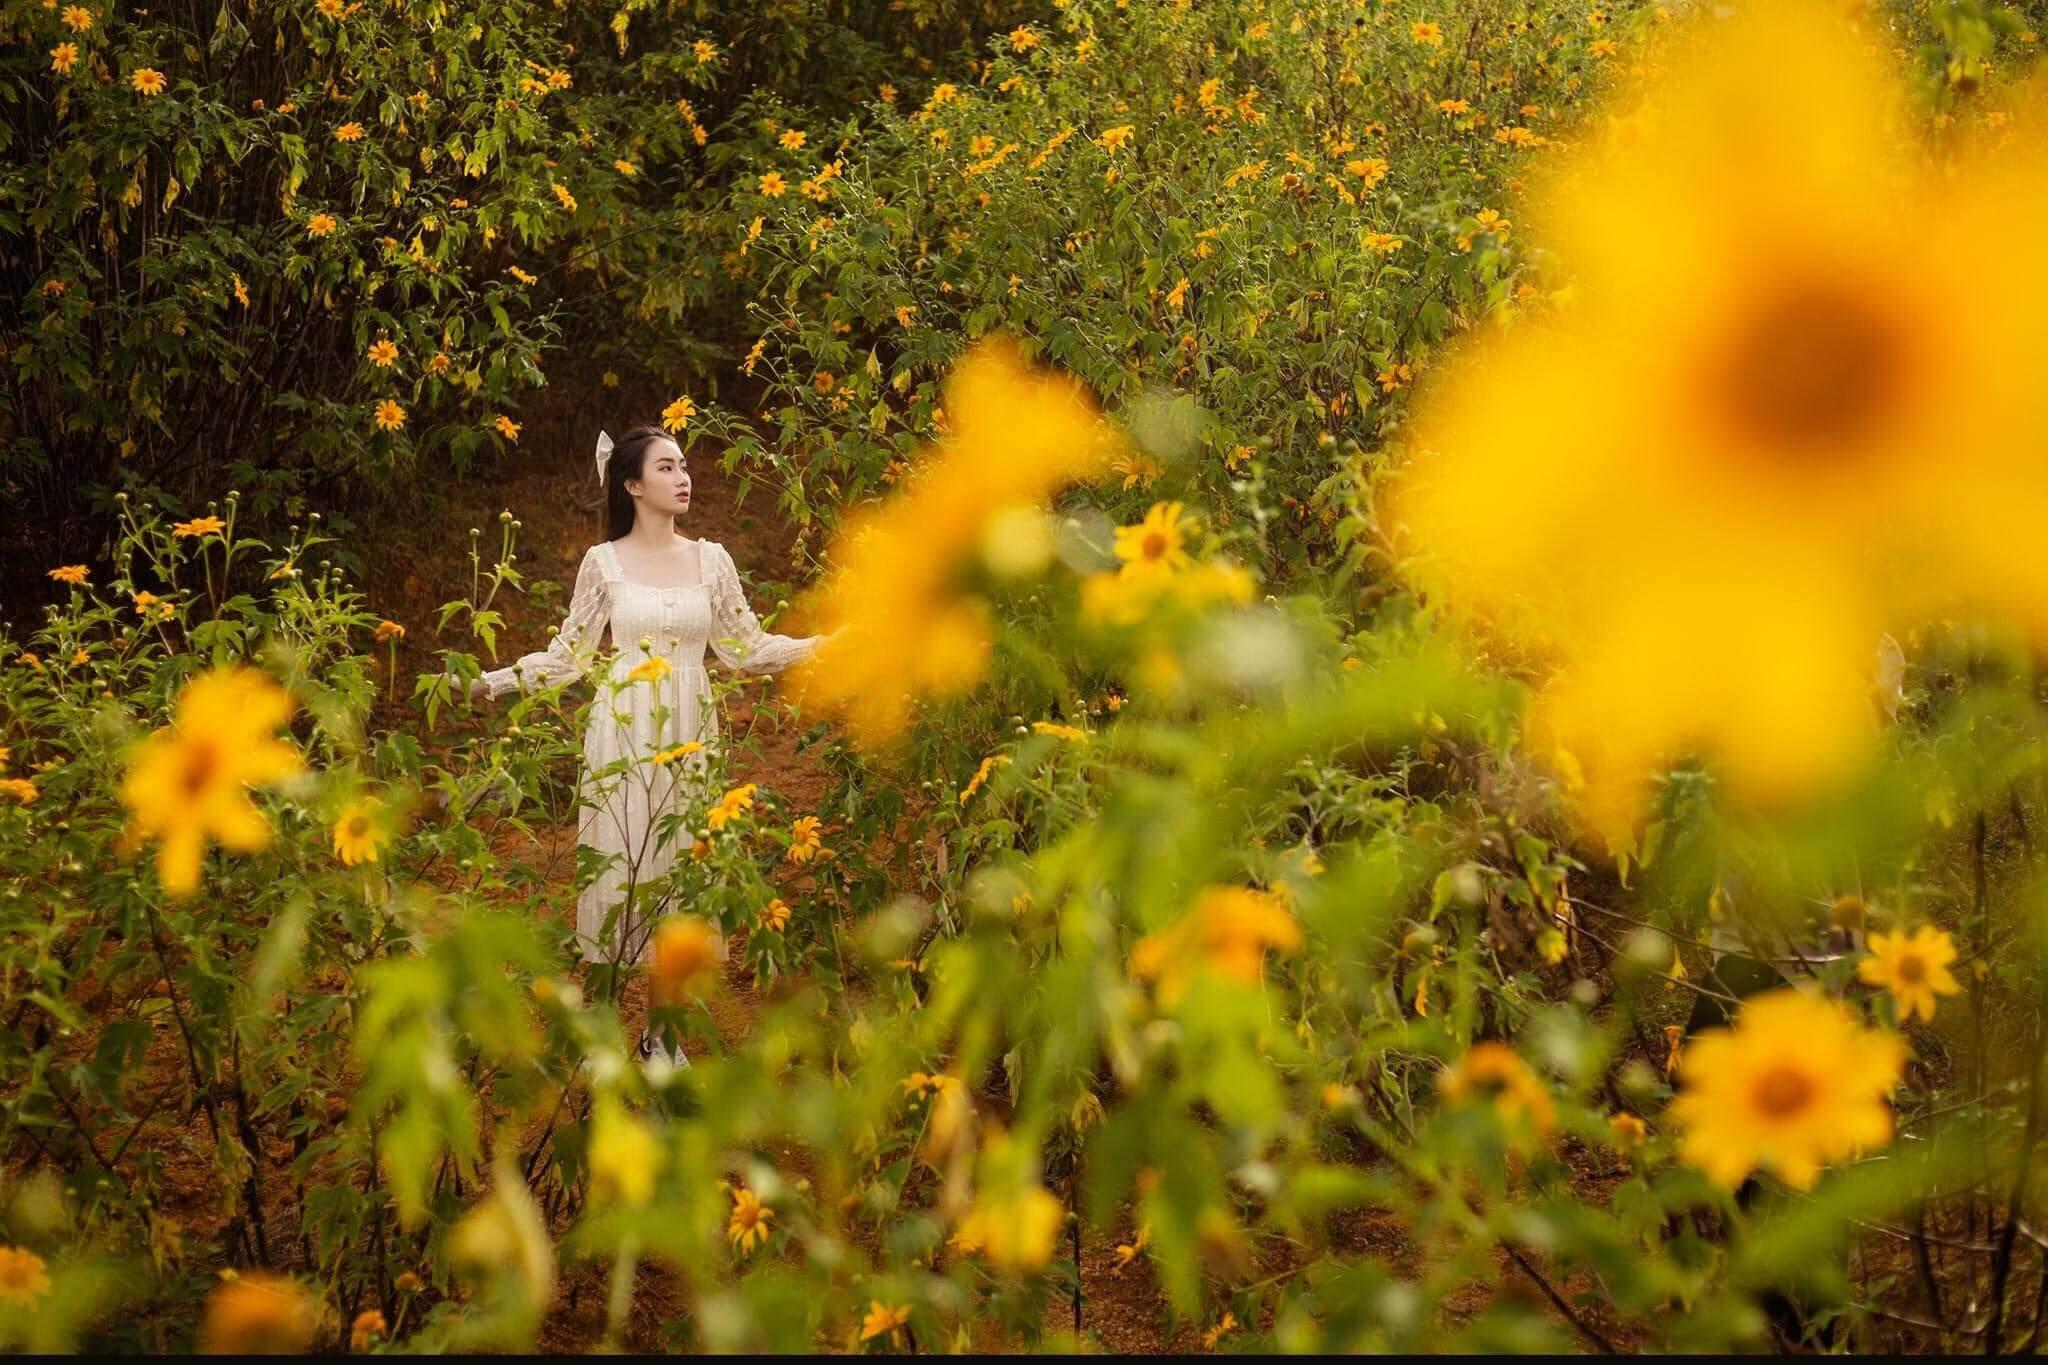 địa điểm ngắm hoa dã quỳ Đà Lạt